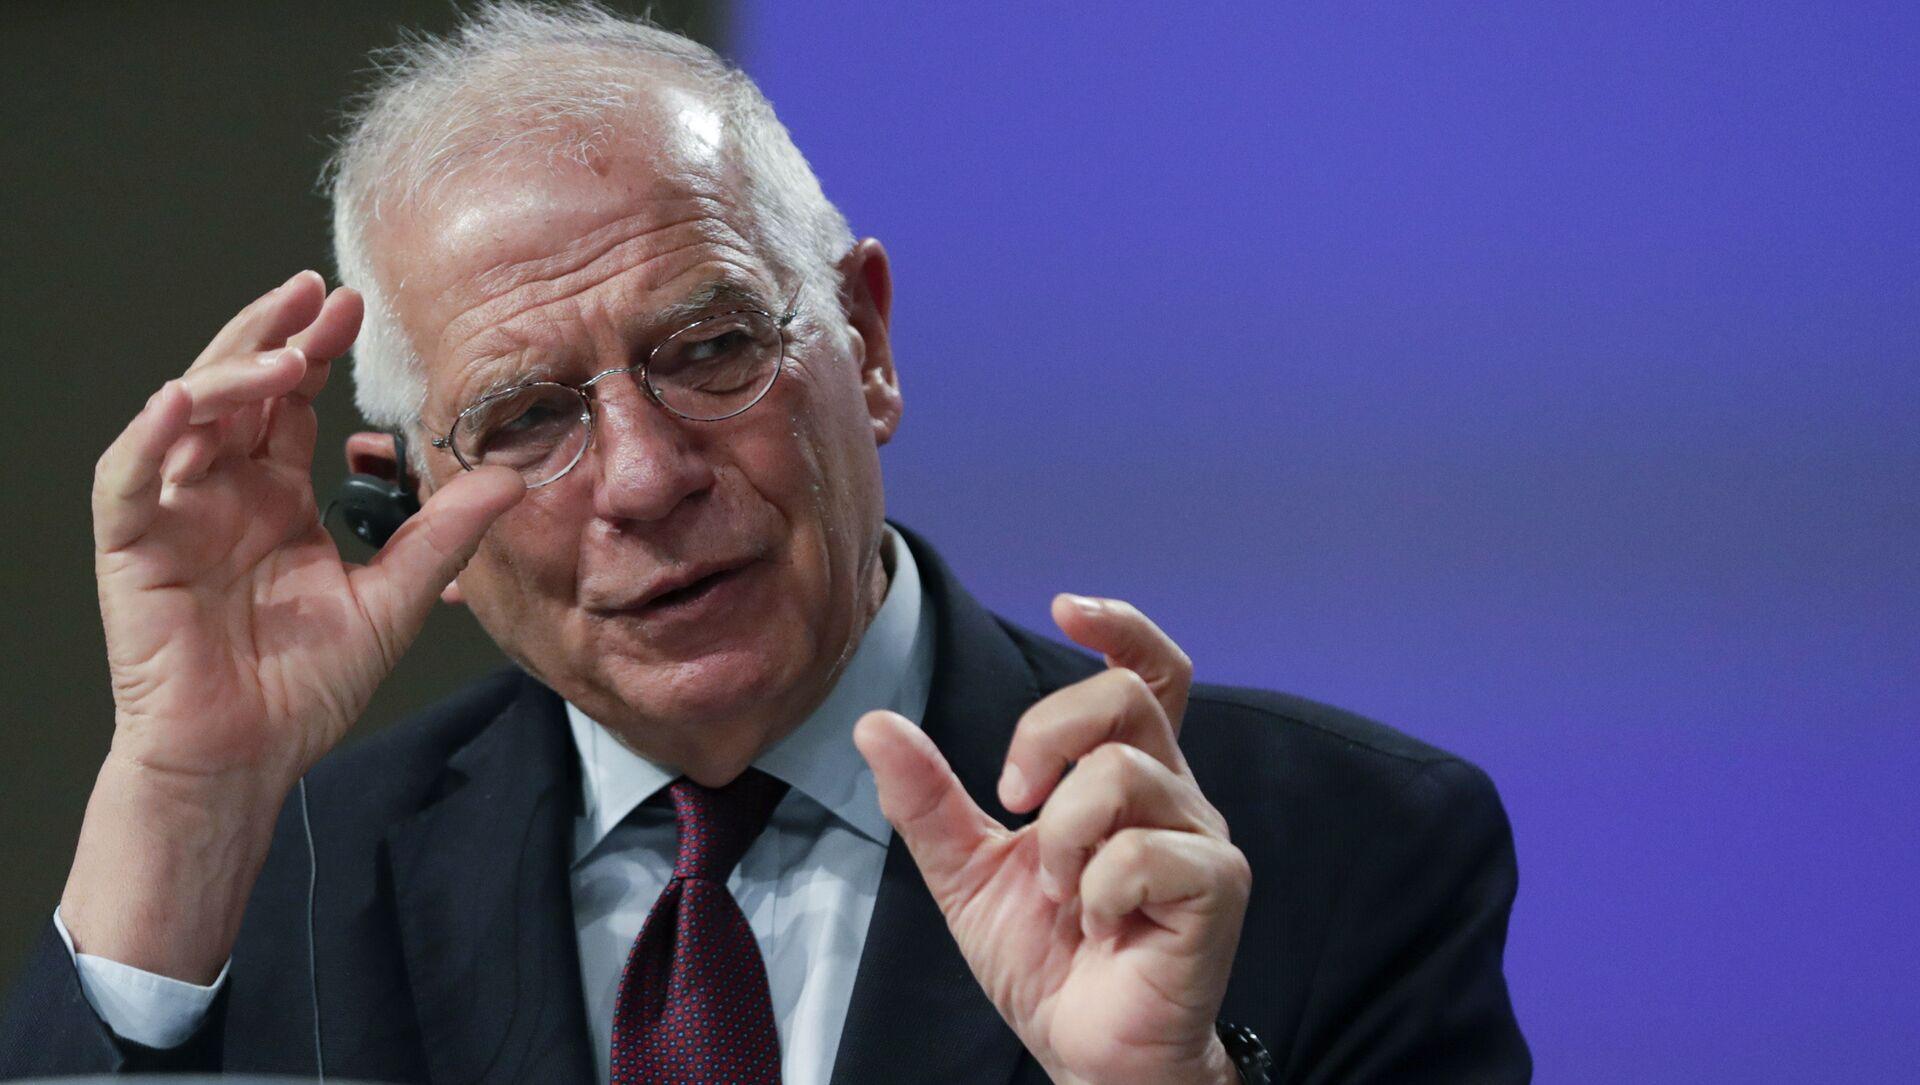 L'alto rappresentante per la politica estera e sicurezza dell'UE, Josep Borrell - Sputnik Italia, 1920, 08.02.2021